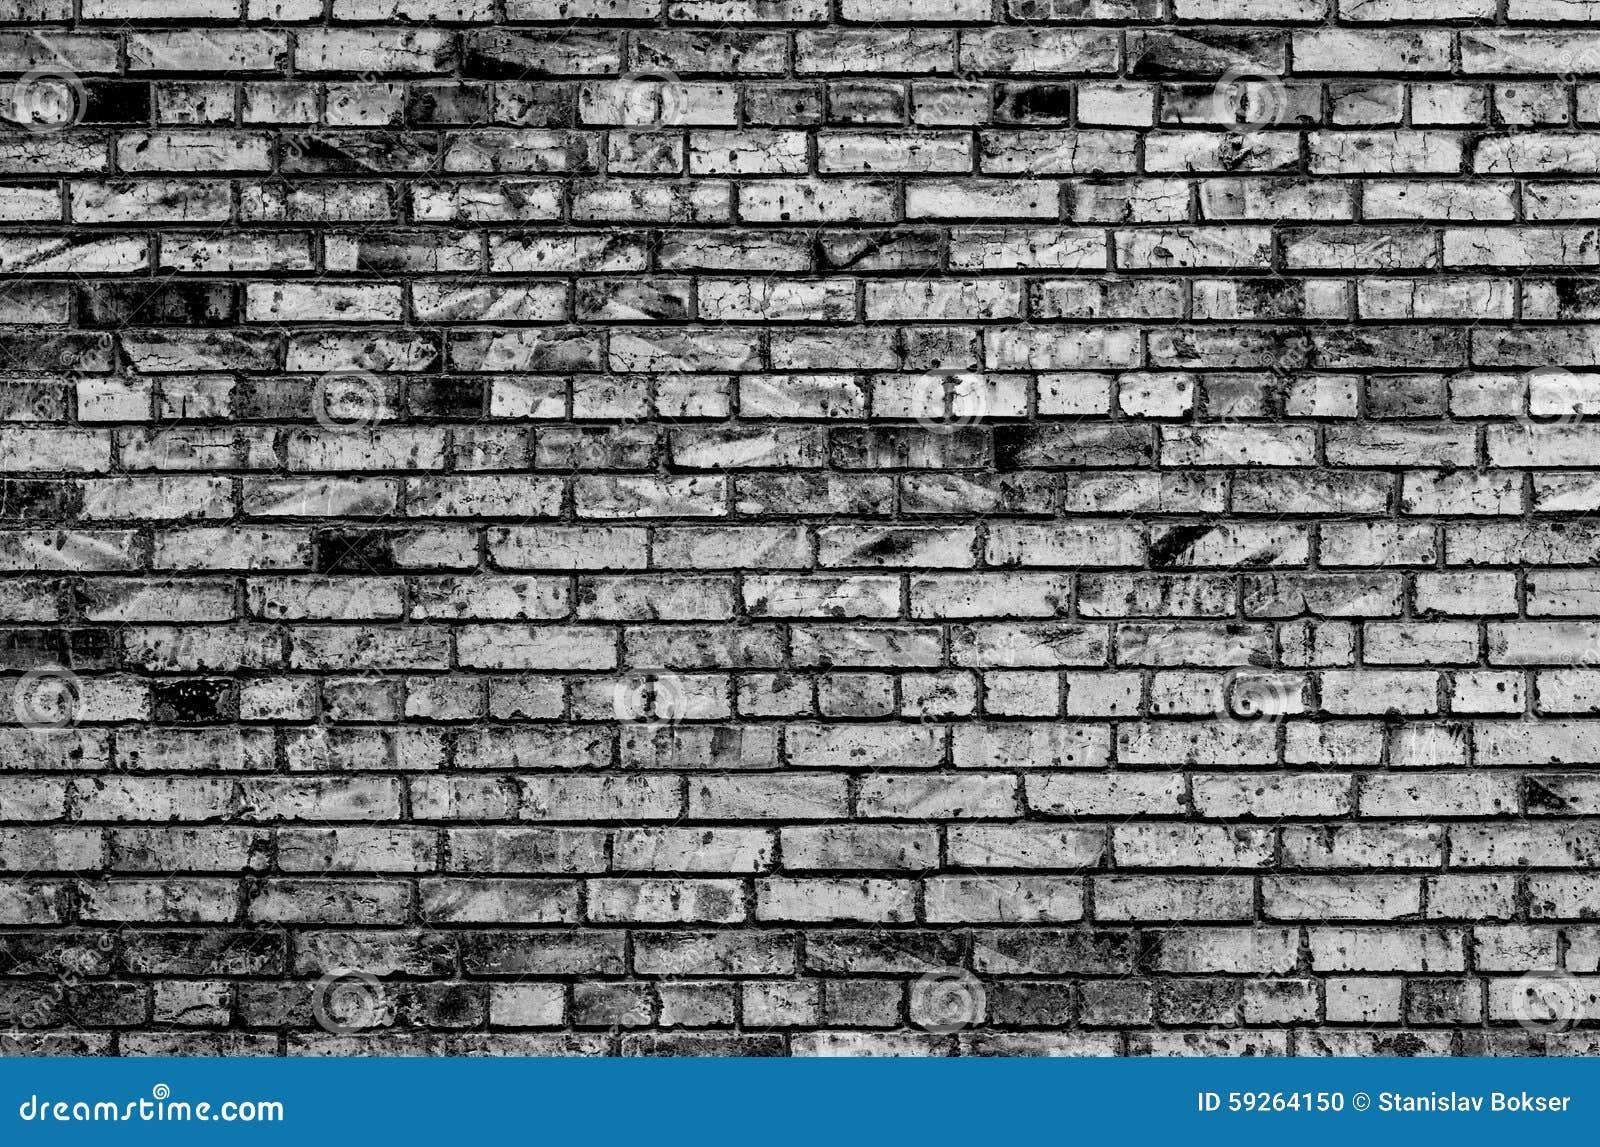 Textura de la pared de ladrillo blanco y negro foto de archivo imagen 59264150 - Pared de ladrillo blanco ...